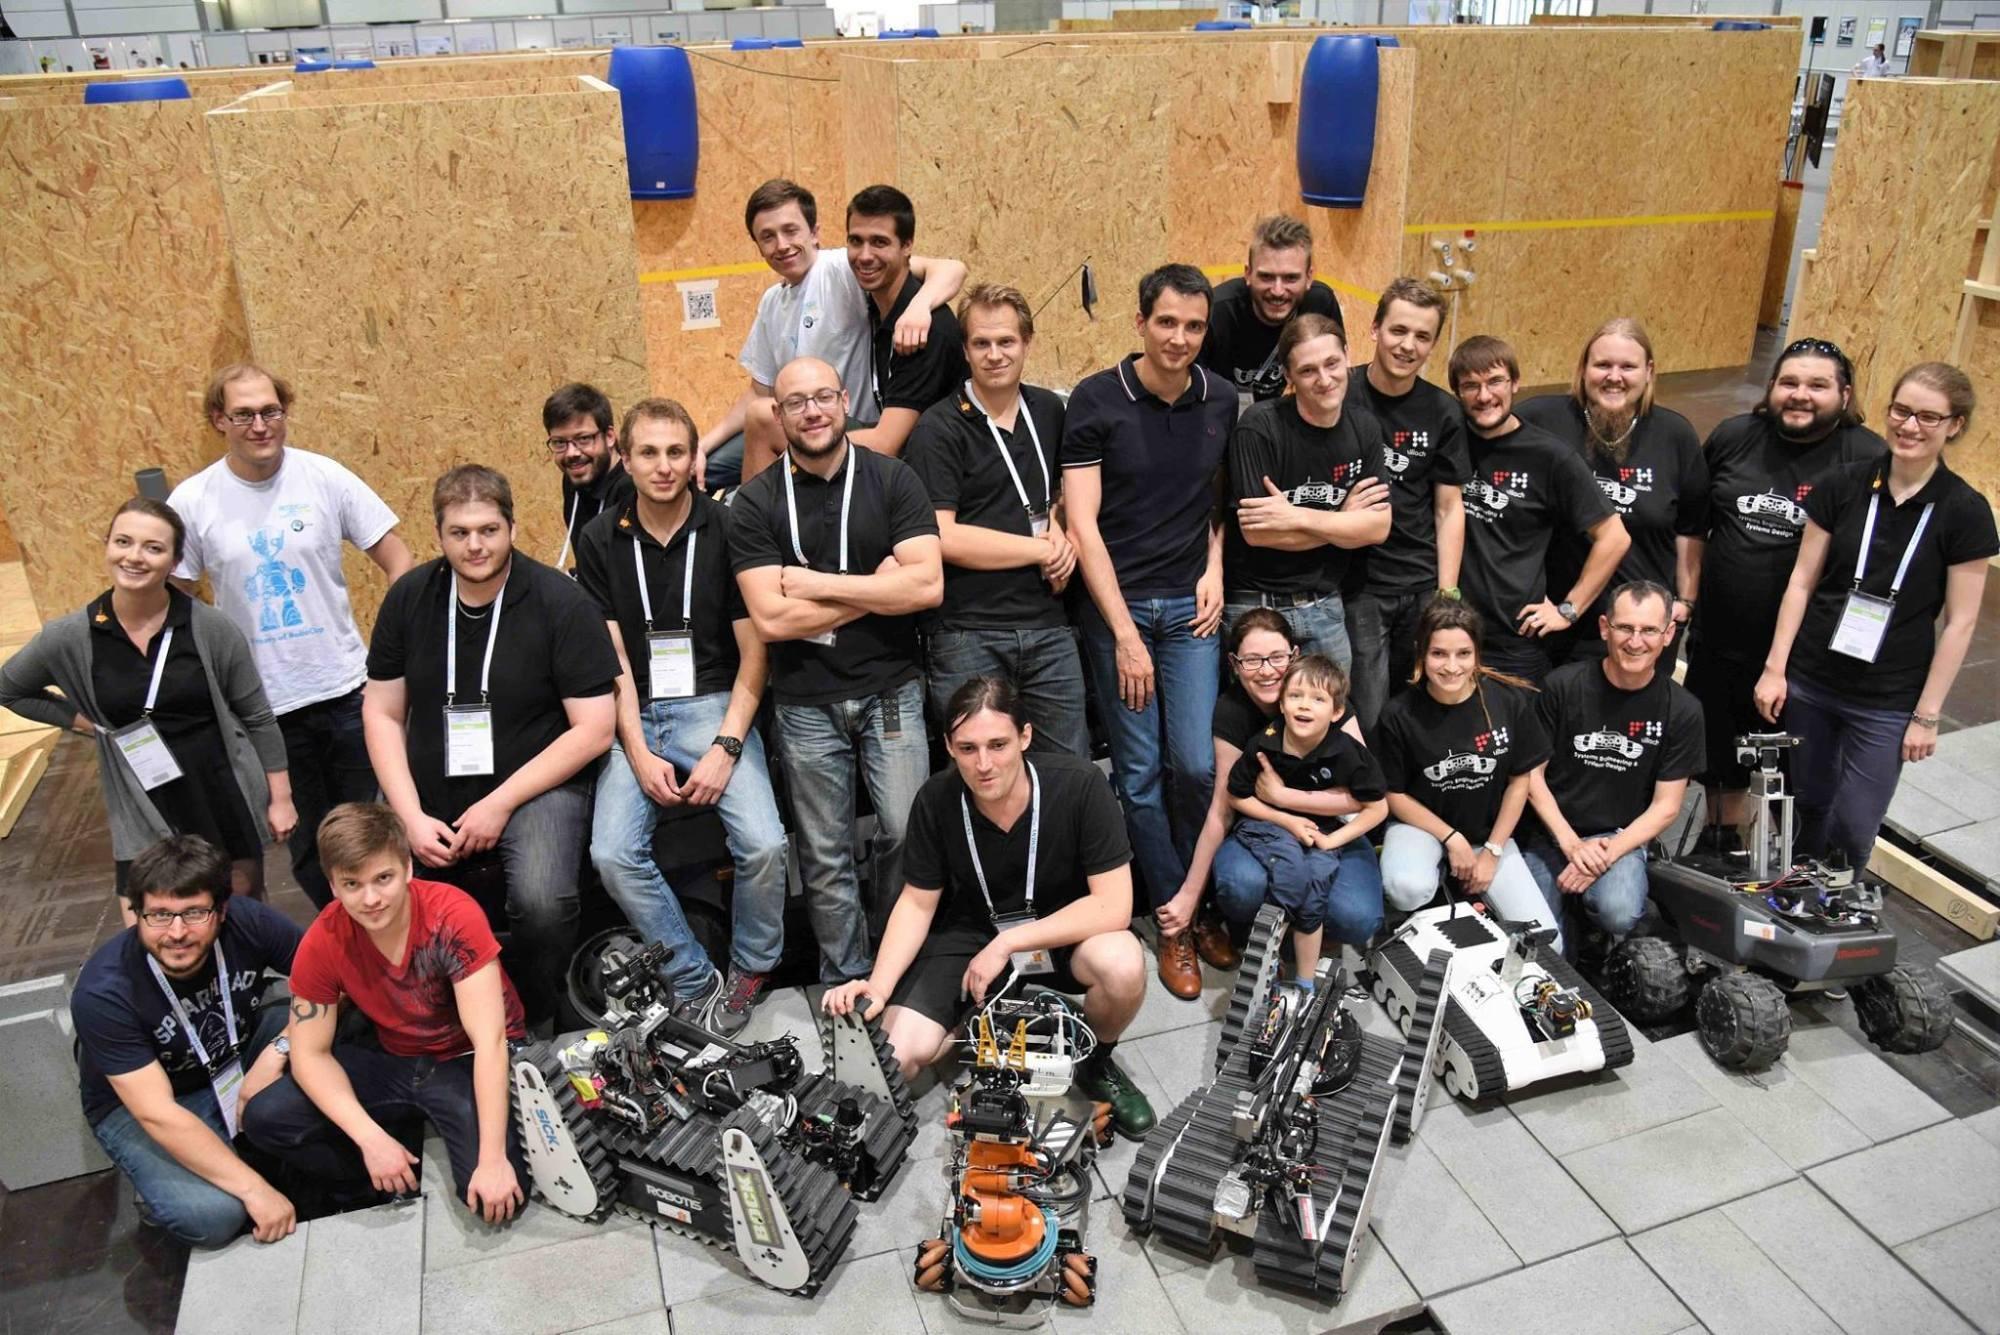 Zwei Teams vereint: Das Team AutonOHM der Technischen Hochschule Nürnberg, Georg Simon Ohm und das Team CuasRRR der Carinthia University of Applied Sciences zusammen mit ihren Robotern bei der WM 2016 in Leipzig.